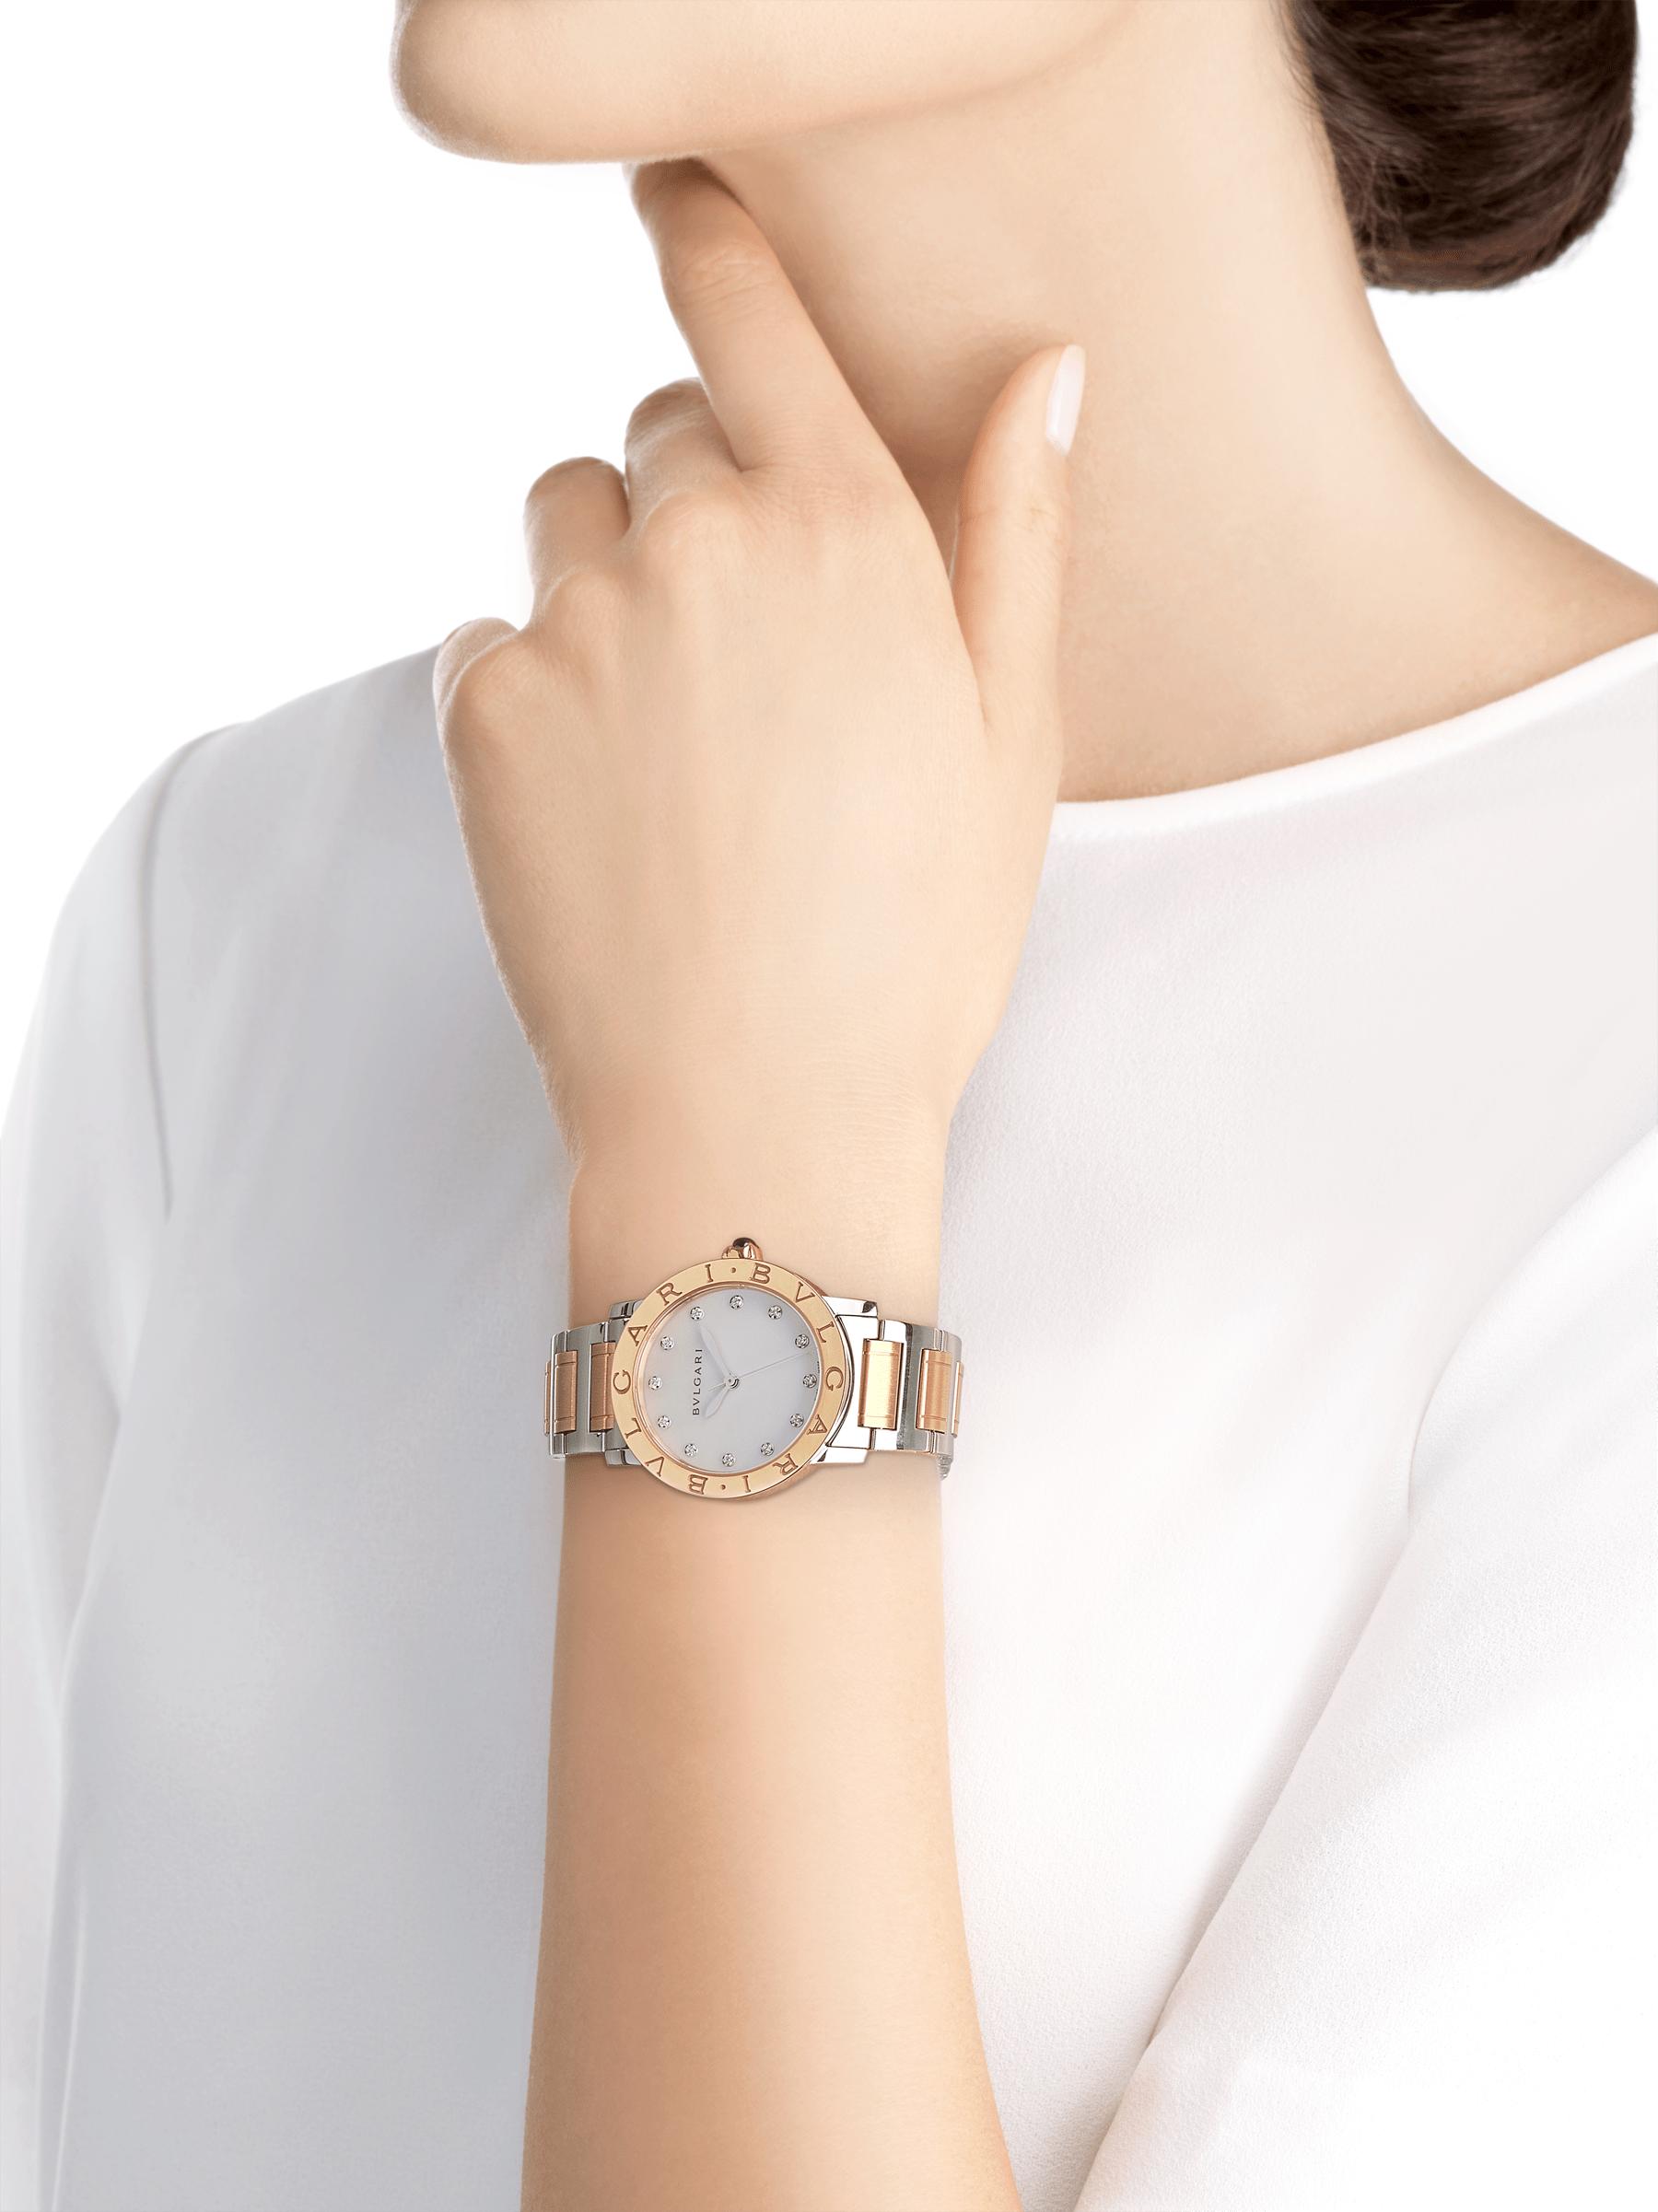 Orologio BVLGARI BVLGARI con cassa e bracciale in acciaio inossidabile e oro rosa 18 kt, quadrante bianco in madreperla e indici con diamanti. Misura media. 101891 image 4